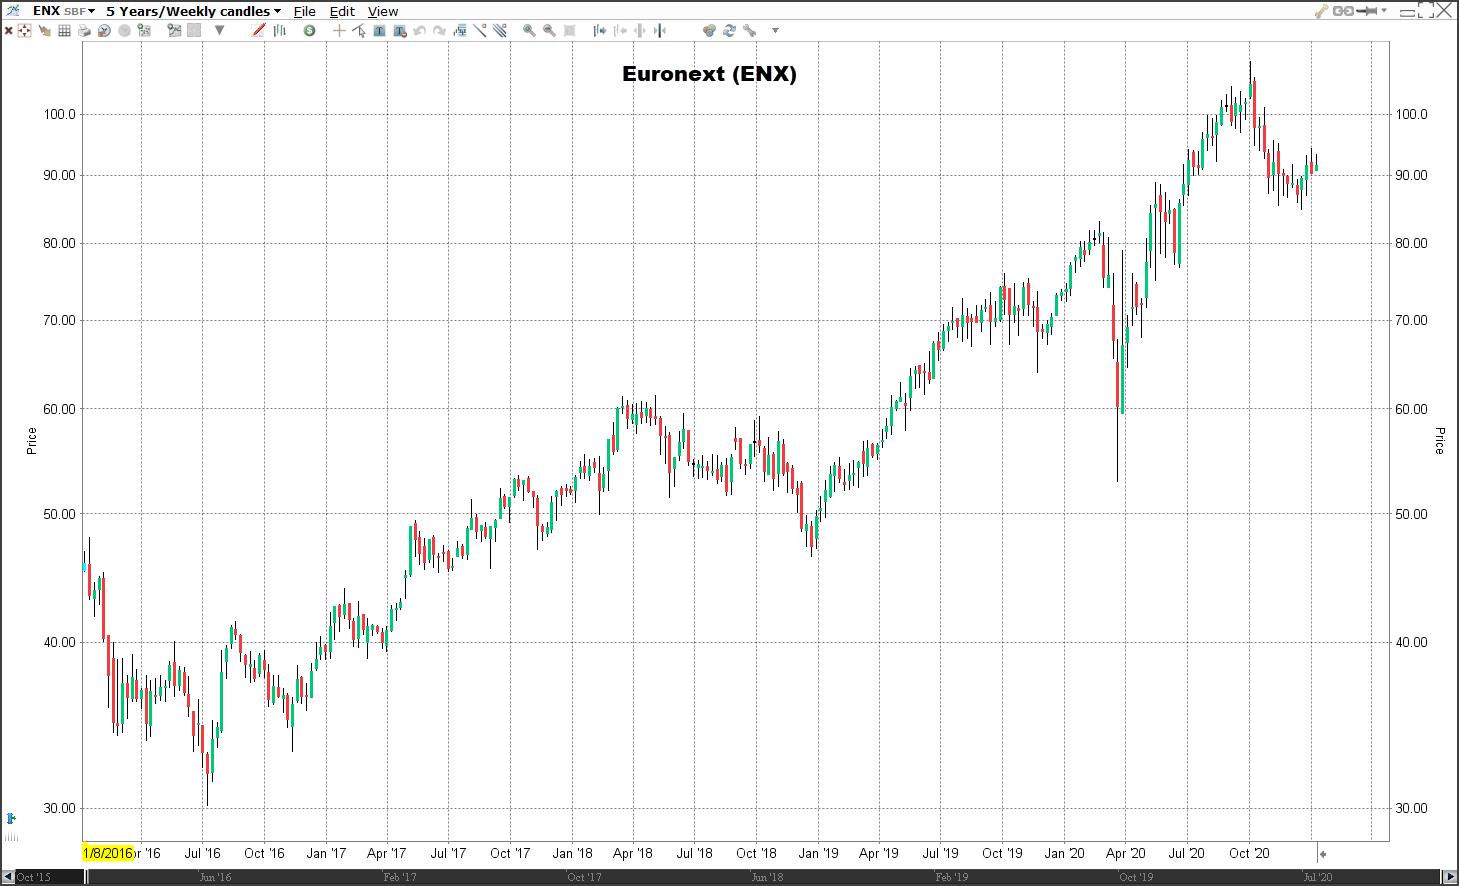 Koers aandeel Euronext   Veelbelovende aandelen